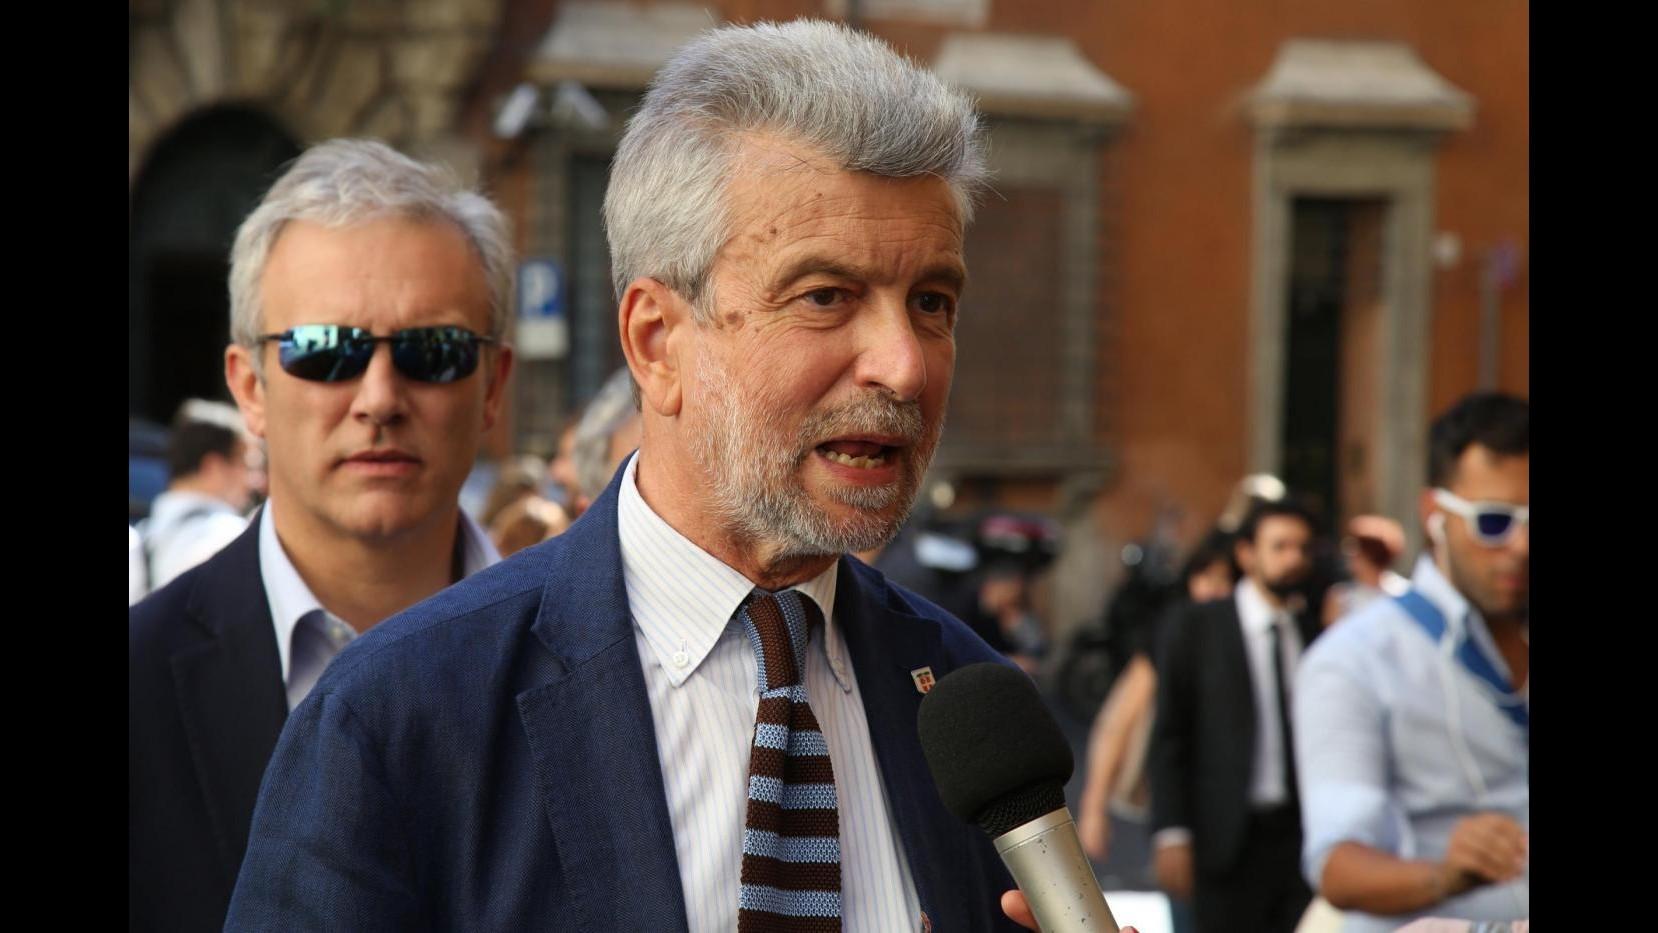 Pensioni, Damiano (Pd): Rigidità in uscita danneggia anche imprese